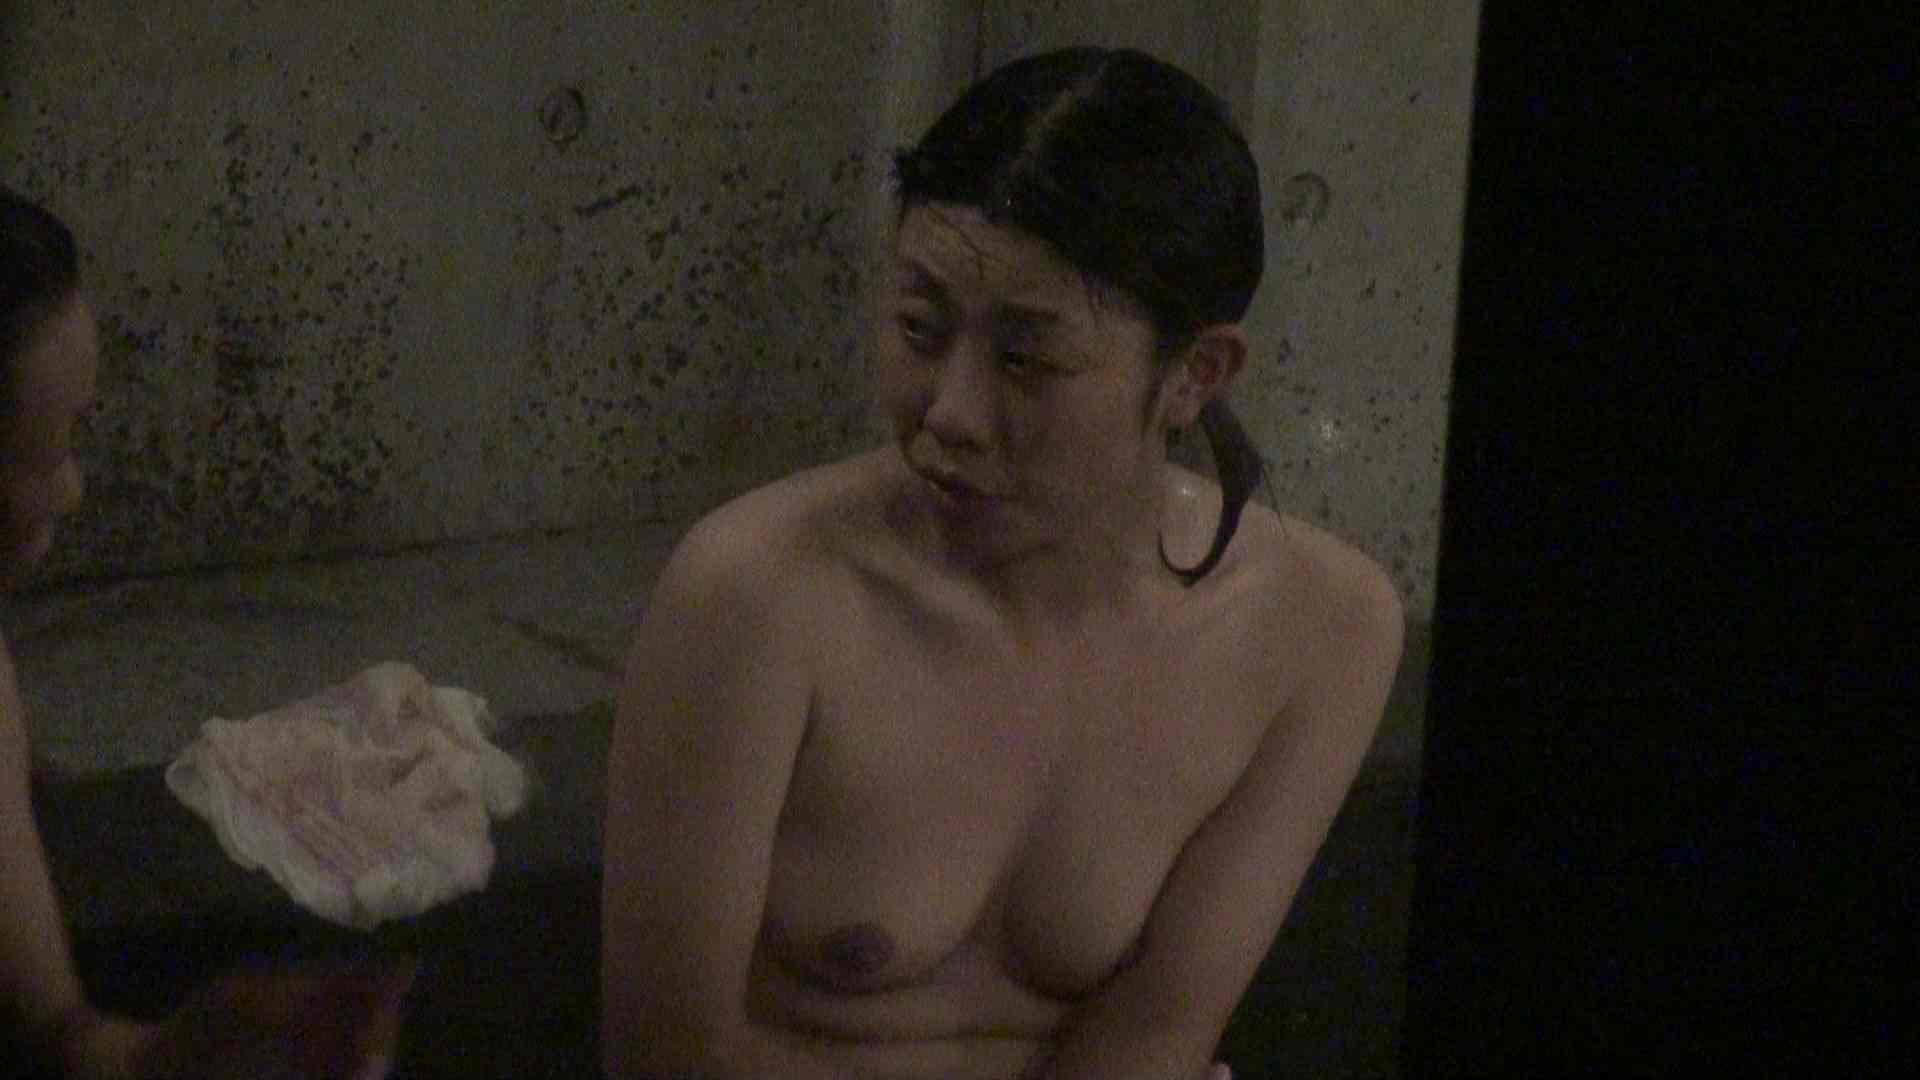 Aquaな露天風呂Vol.330 盗撮  75PICs 12